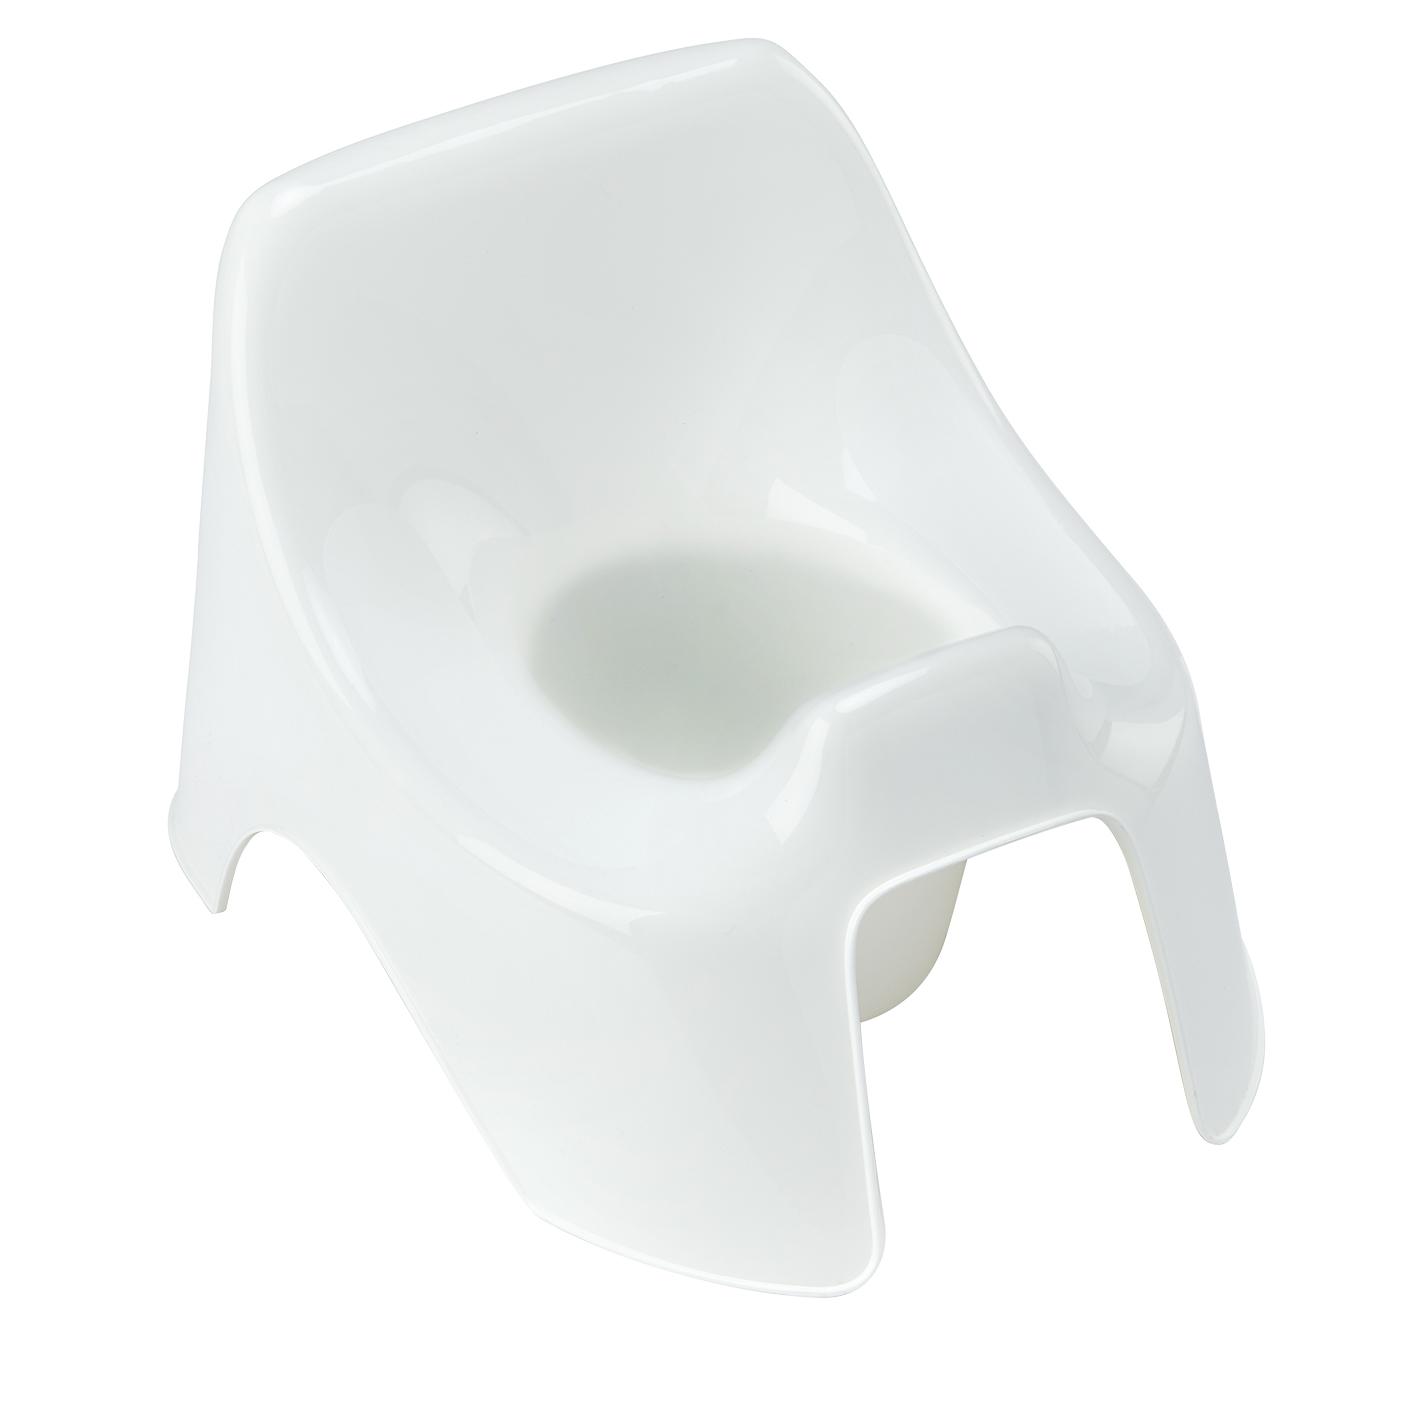 Nočník Anatomical Potty, Bílá